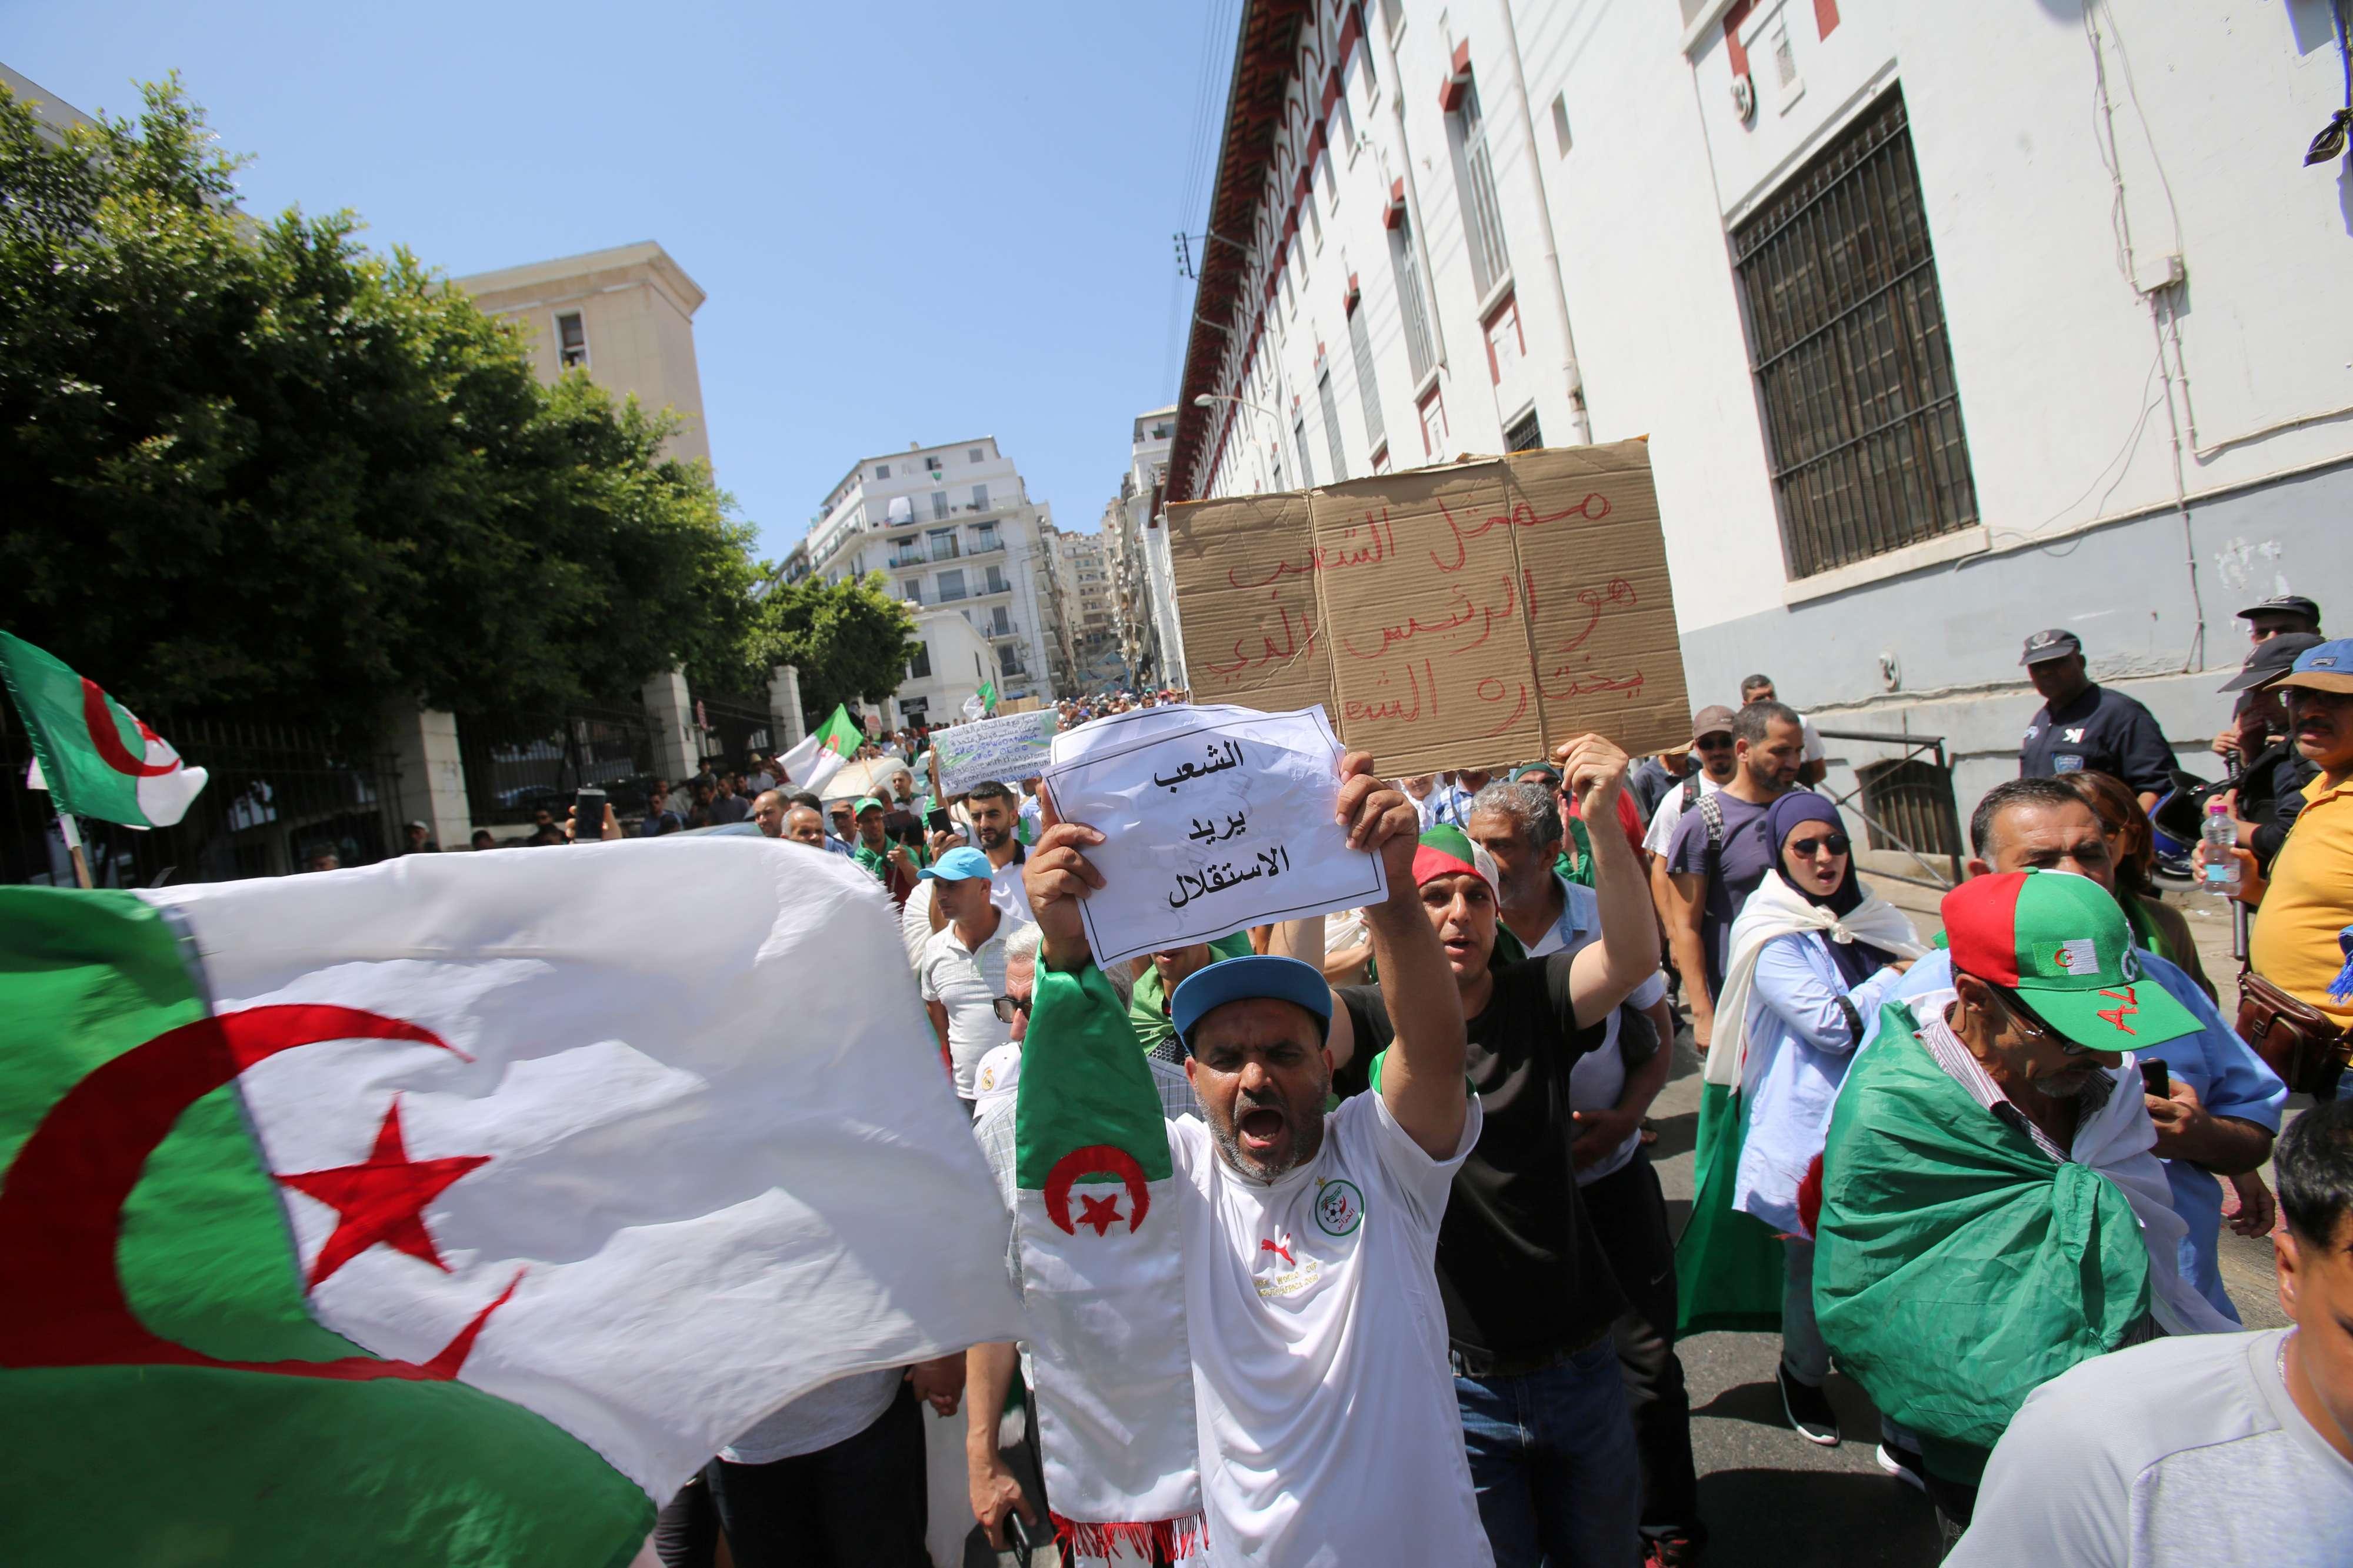 20190726175717reup--2019-07-26t175540z_473384191_rc19096ec900_rtrmadp_3_algeria-protests.h